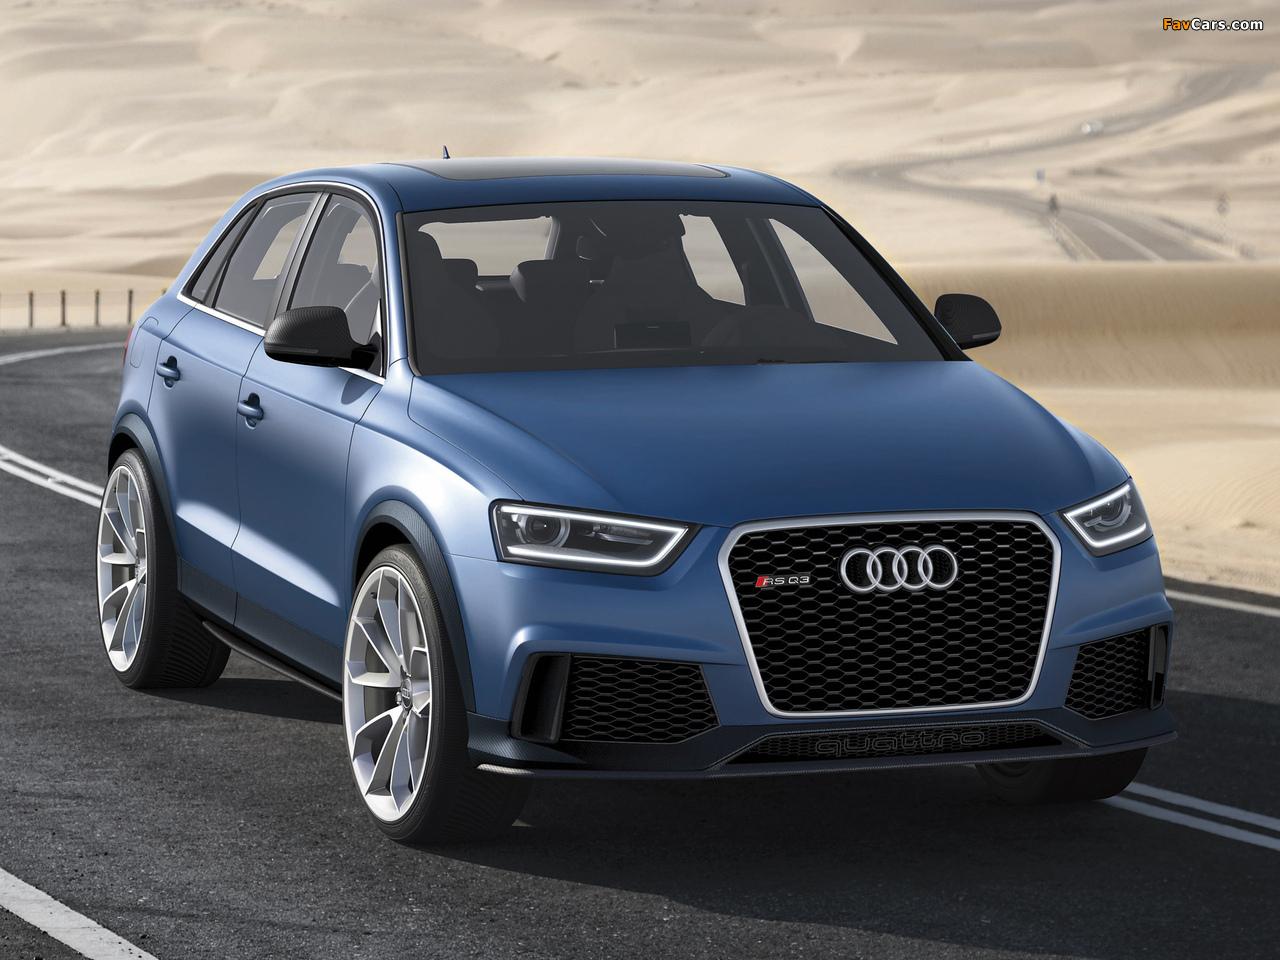 Audi RS Q3 Concept 2012 images (1280 x 960)